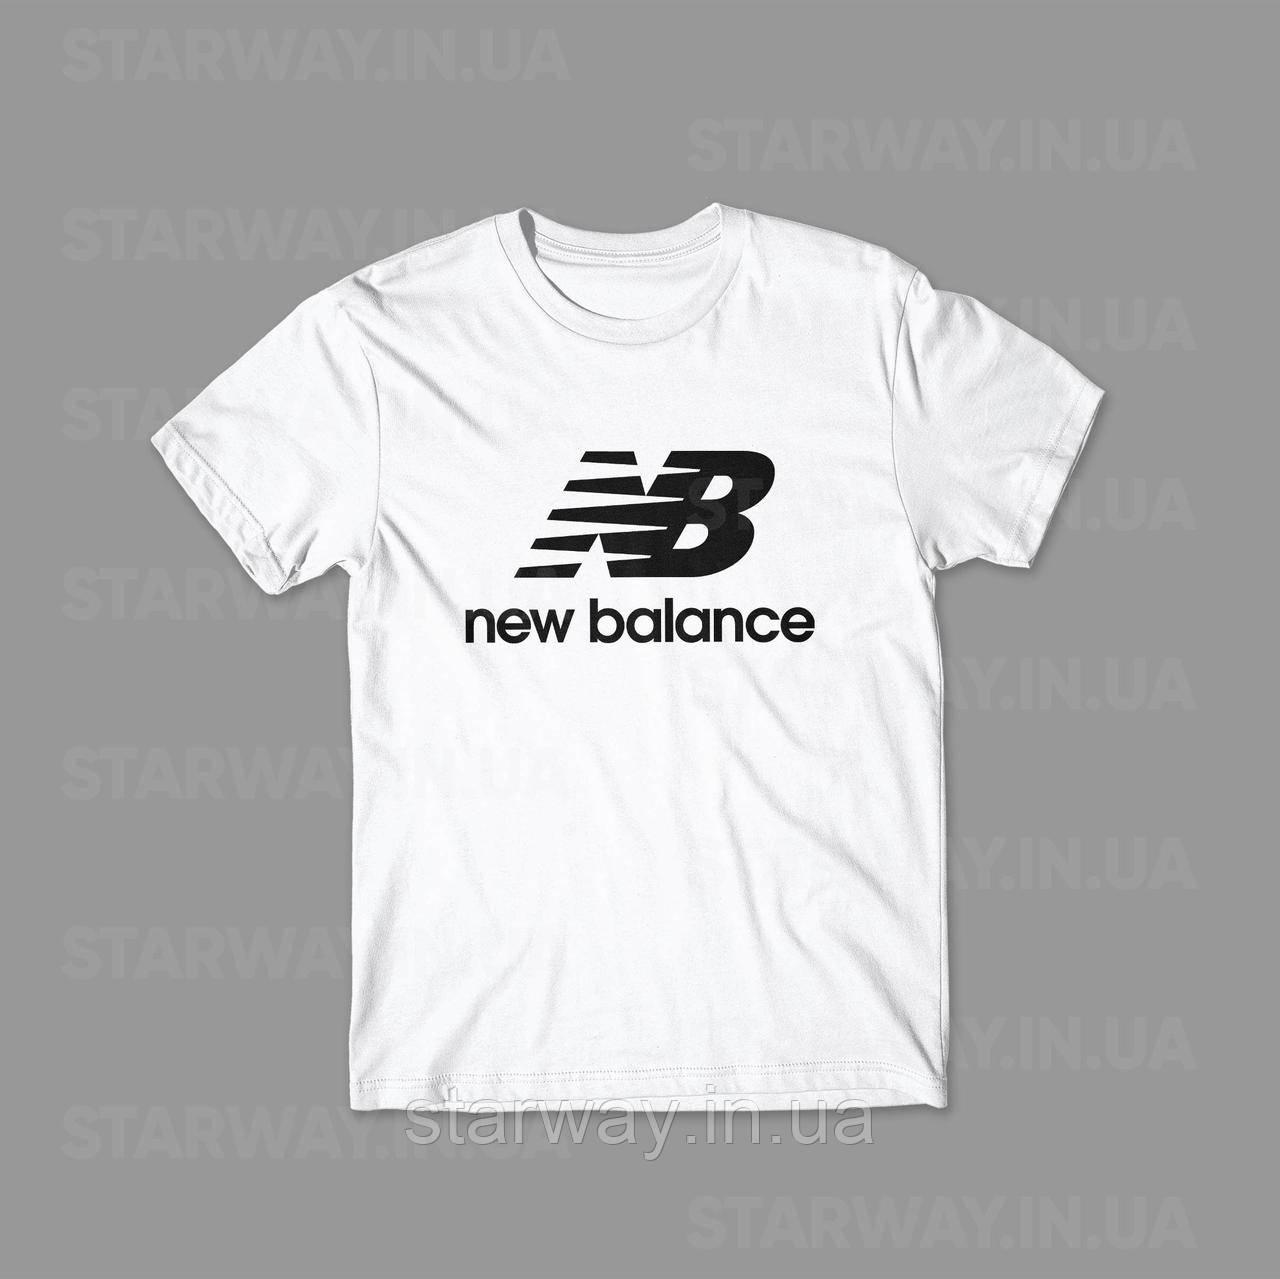 Футболка стильная New Balance лого топ, цена 252 грн., купить Дніпро ... 55b7ae840d5